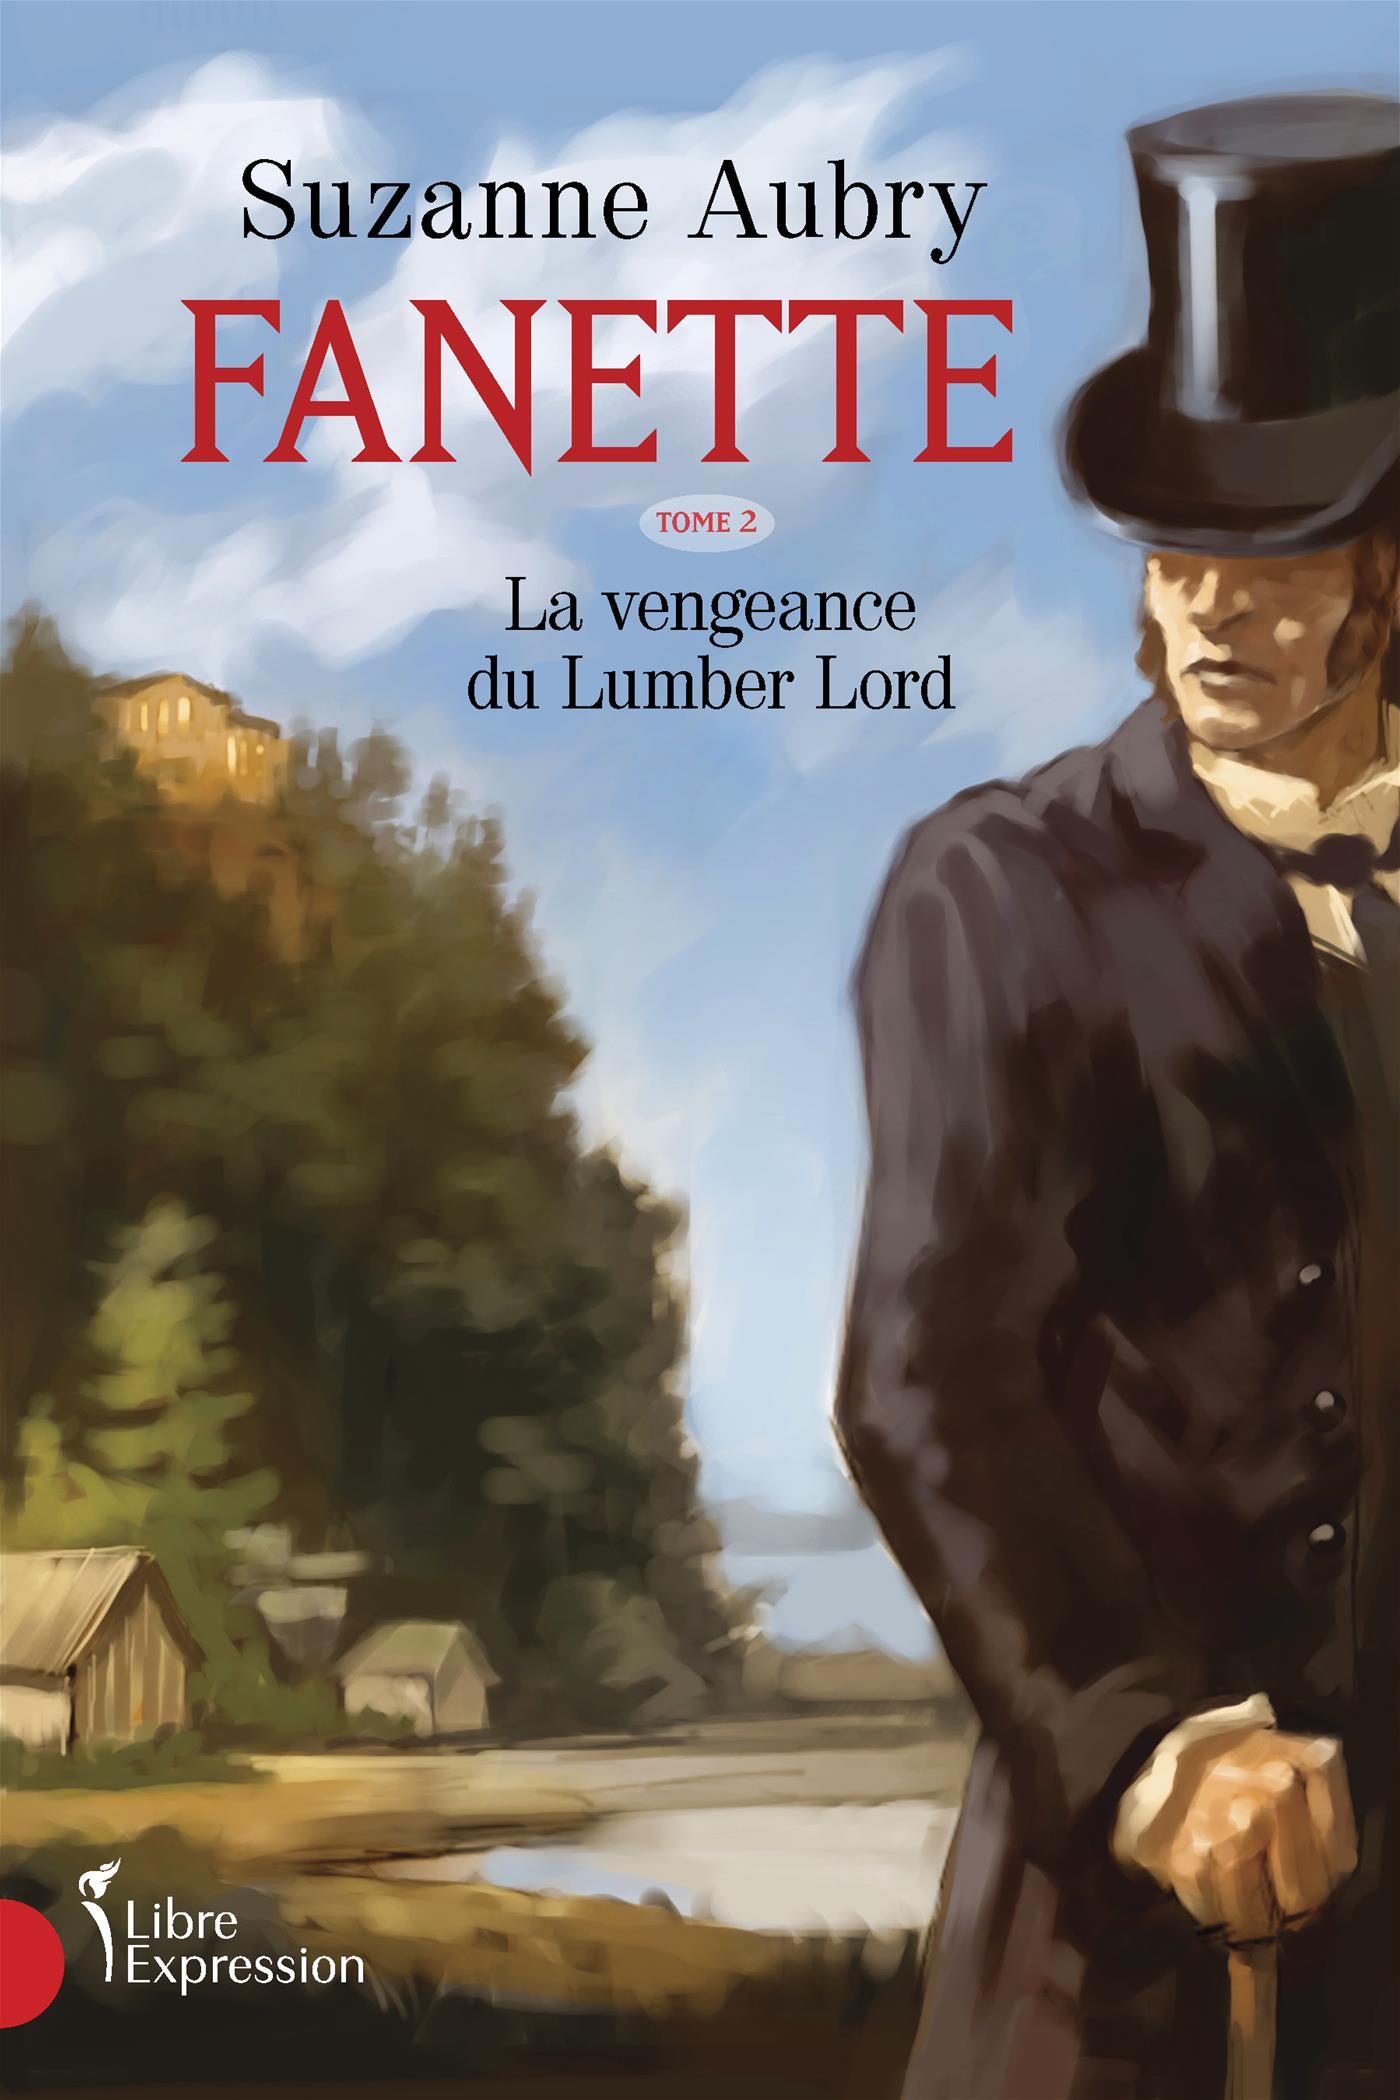 Fanette, tome 2